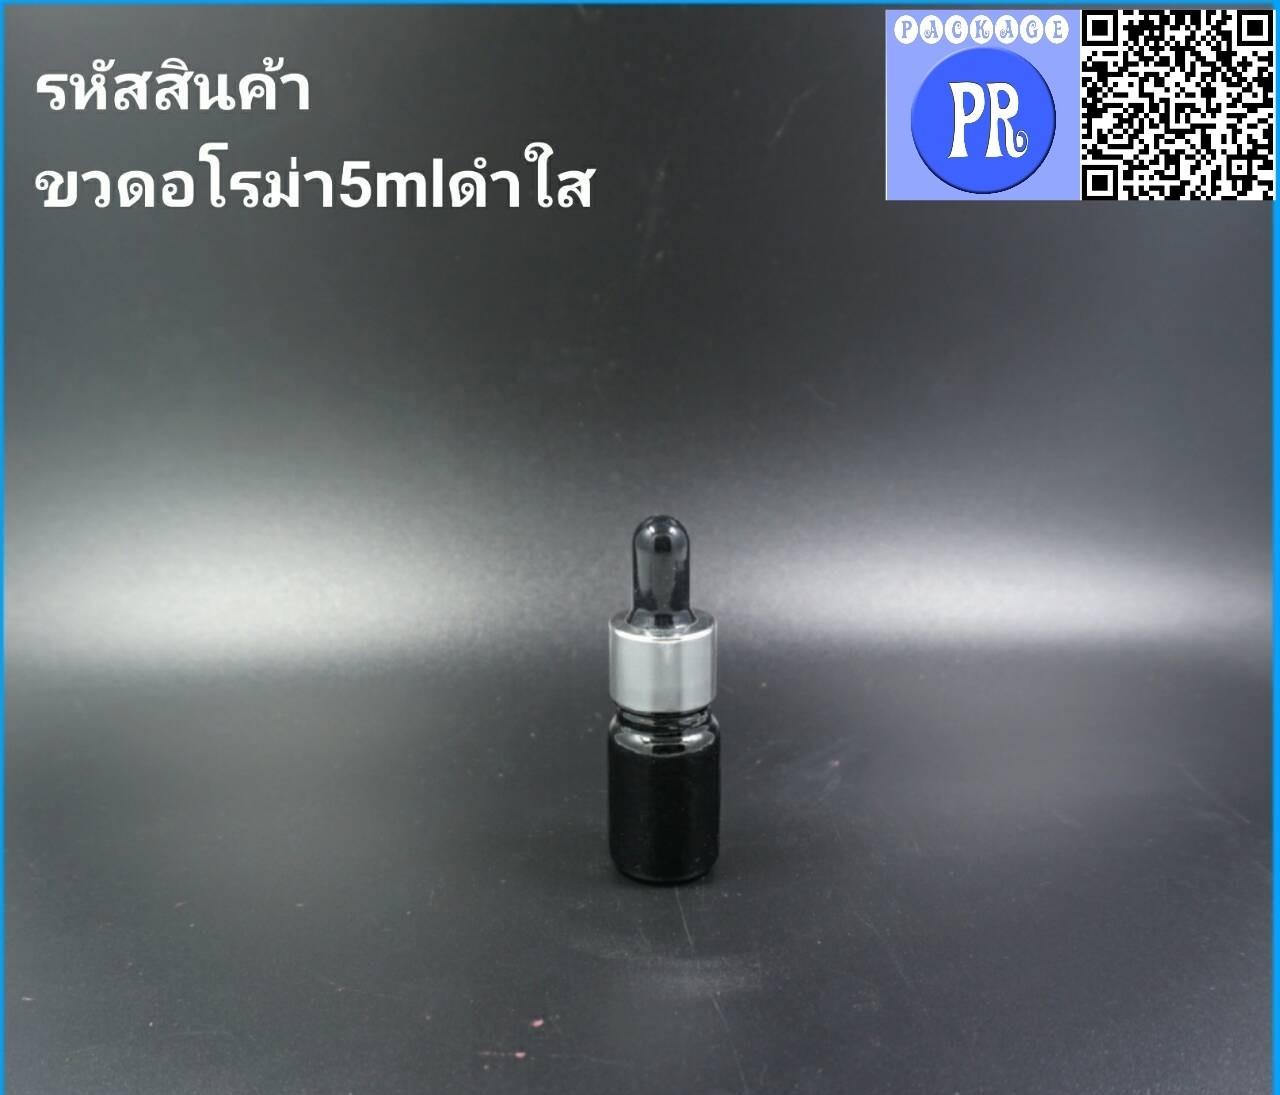 (1190) jybl-05ml ขวดอโรมาดำใส 5 ml